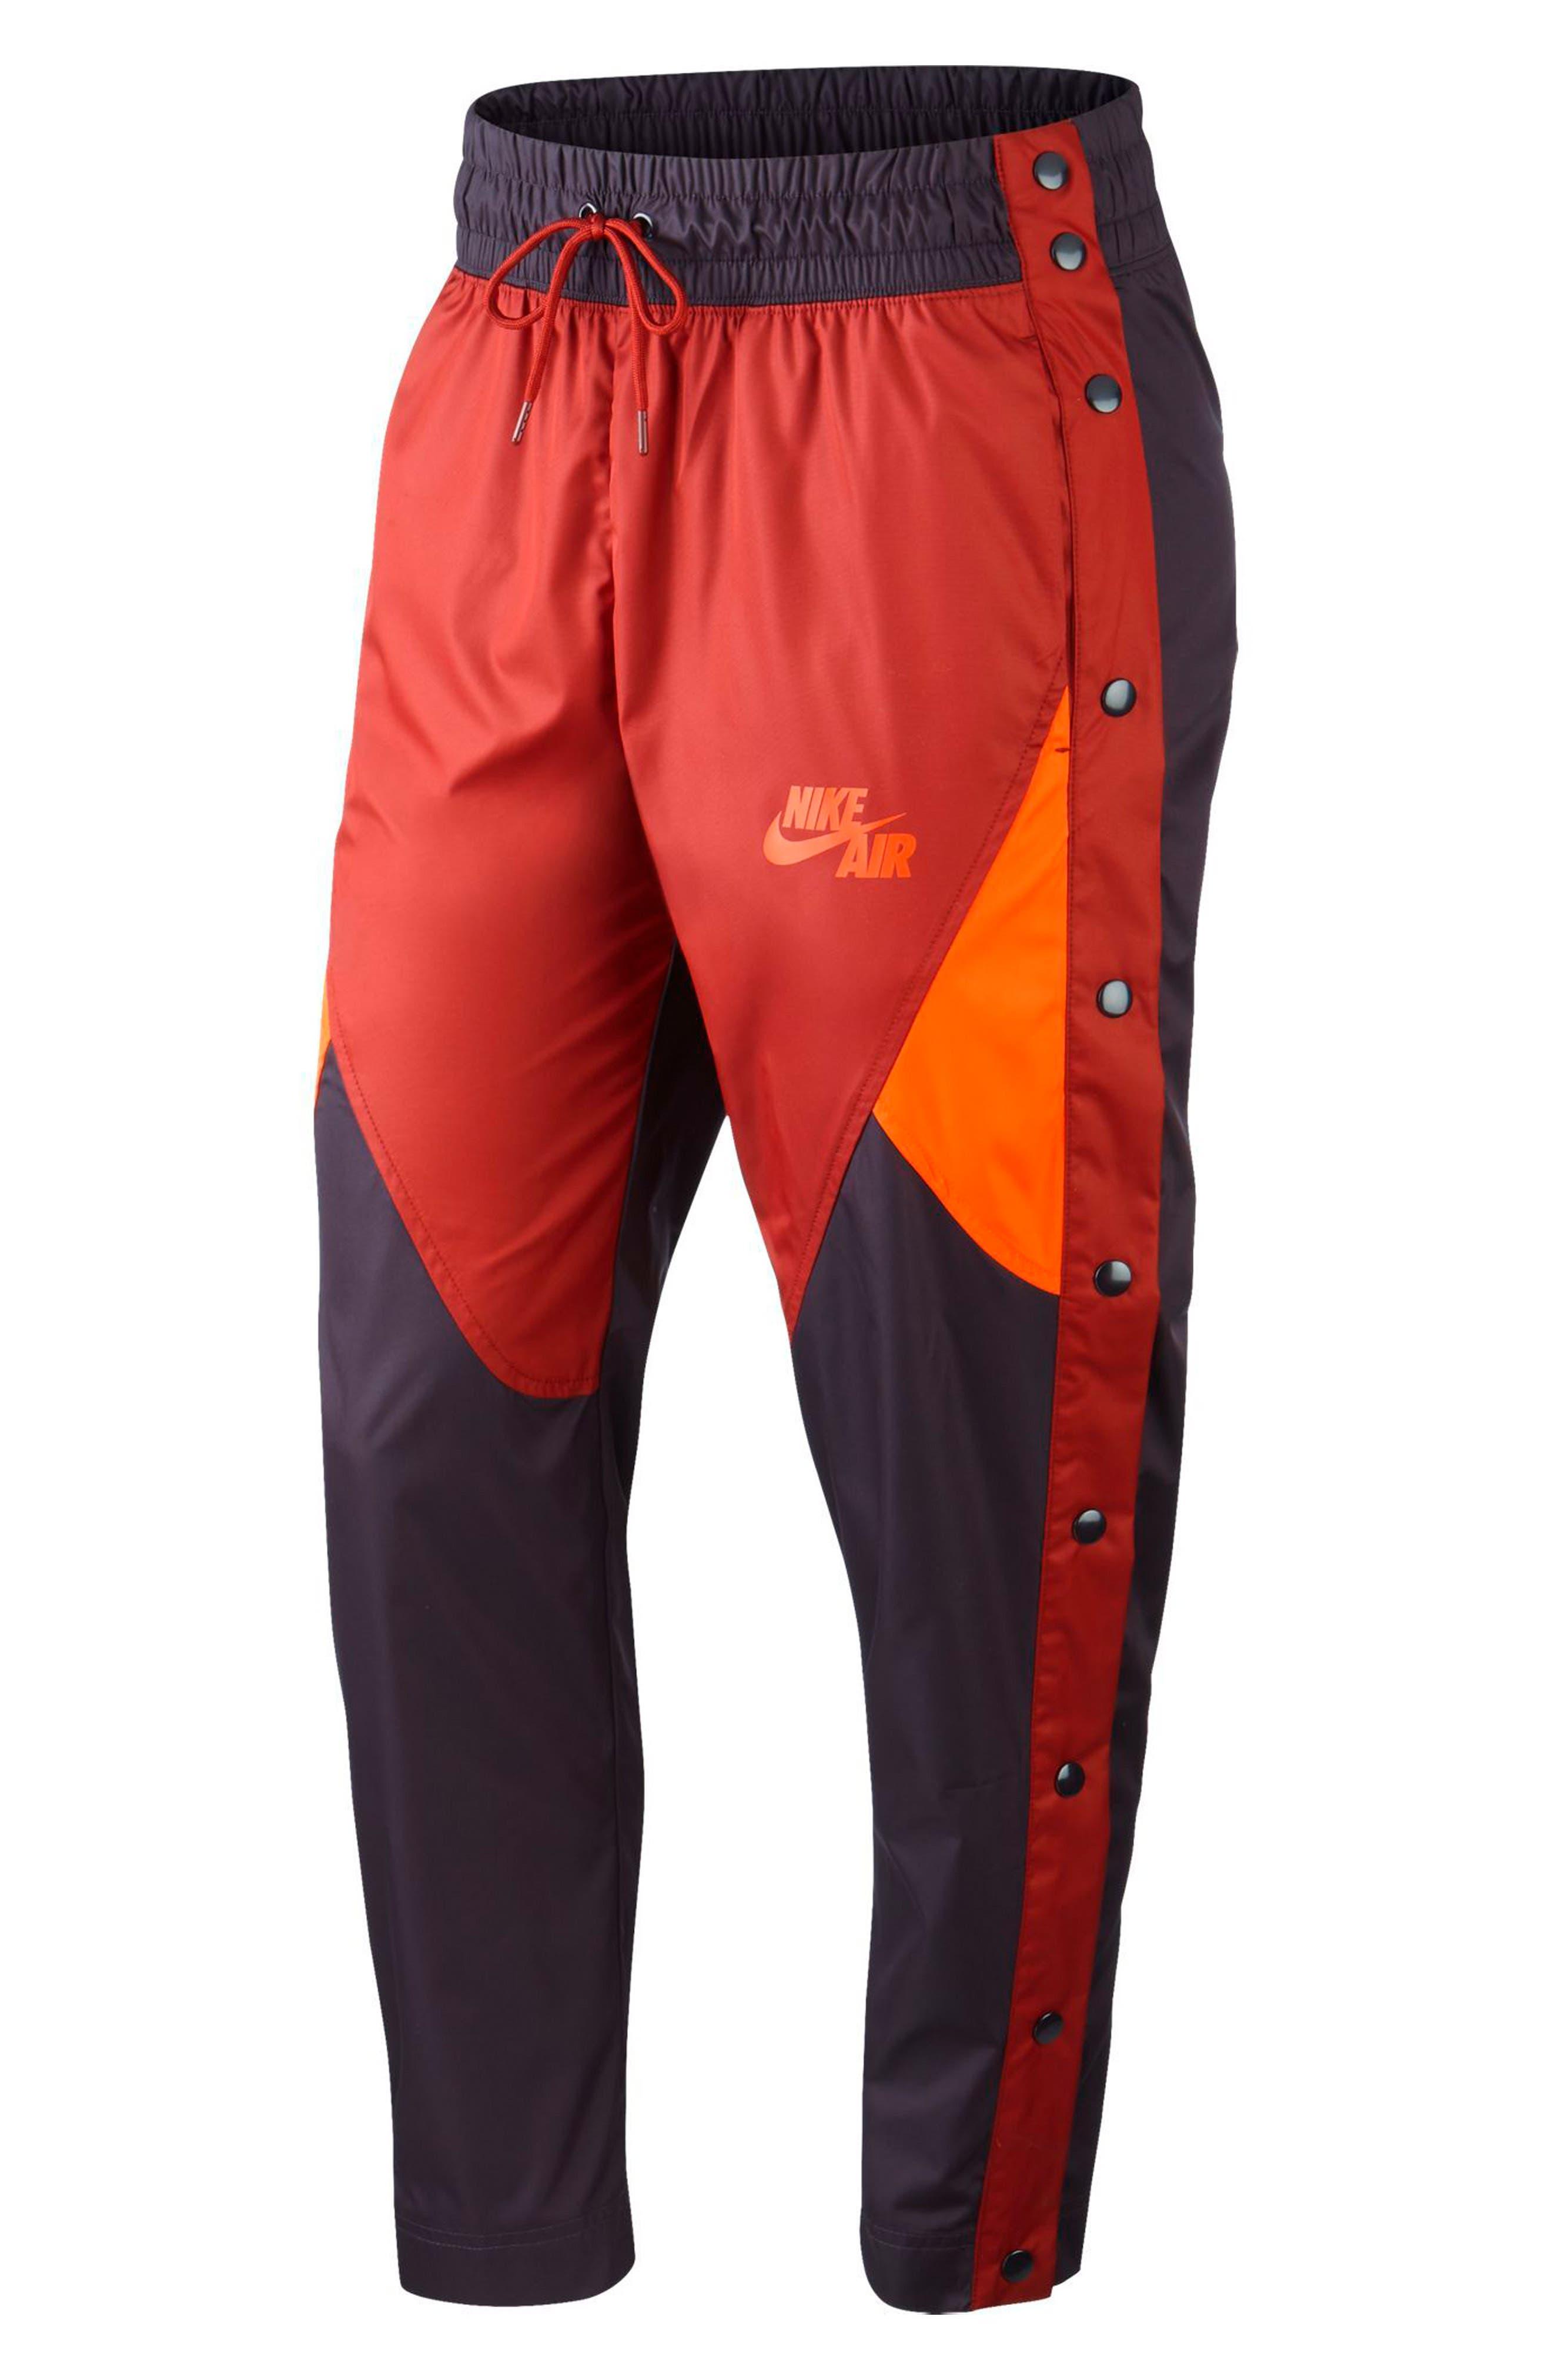 Nike Sportswear Tearaway Woven Pants